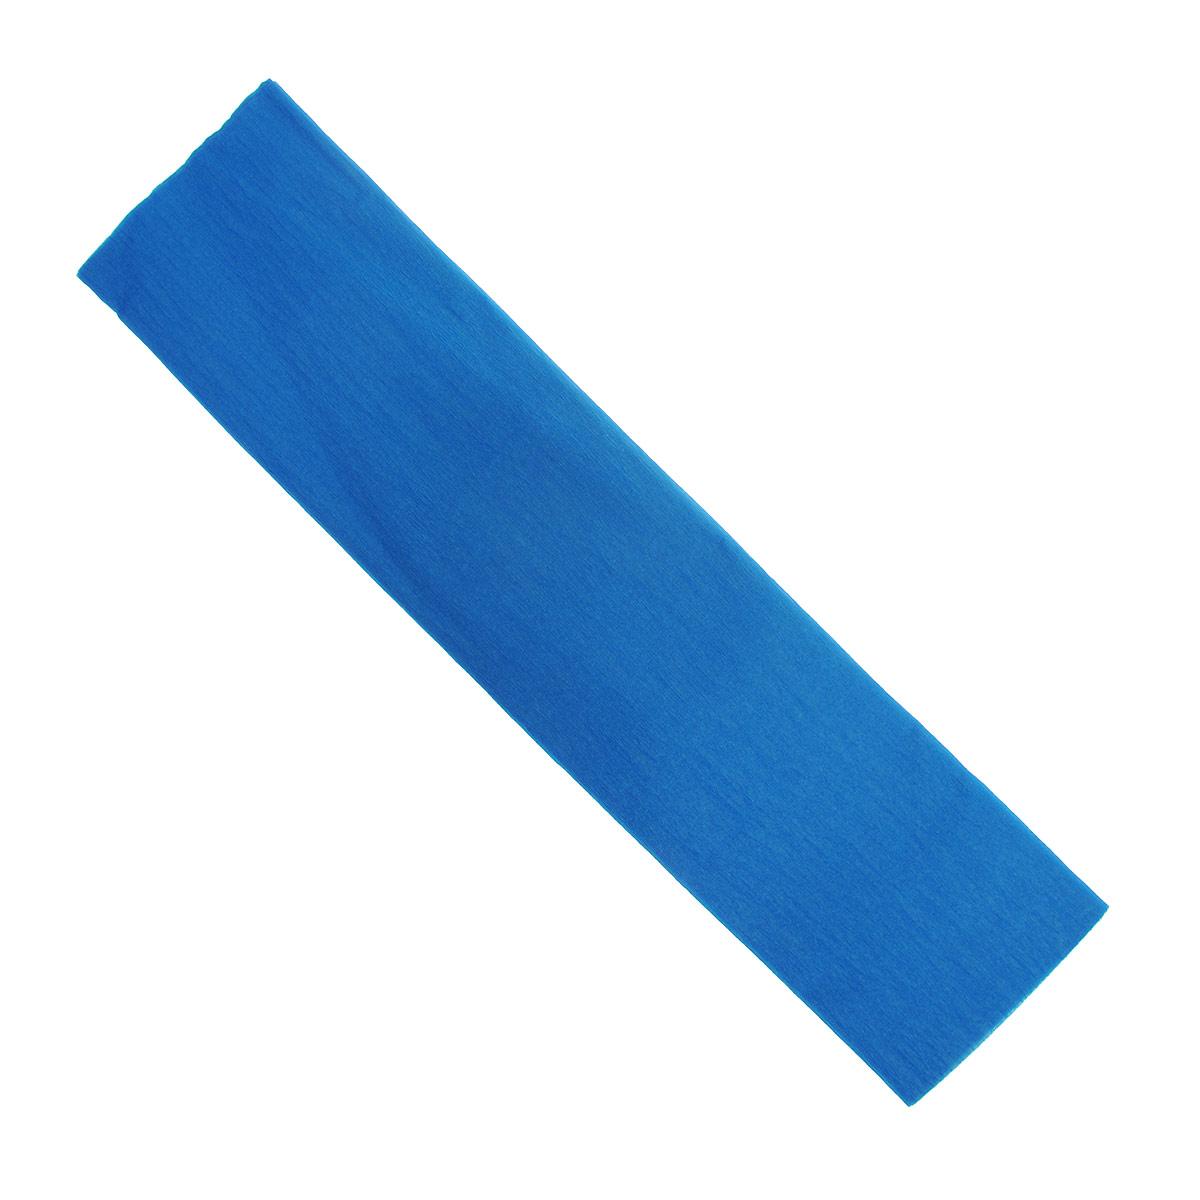 Крепированная бумага Hatber, флюоресцентная, цвет: синий, 5 см х 25 смБк2ф_00010Цветная флюоресцентная бумага Hatber - отличный вариант для развития творчества вашего ребенка. Бумага с фактурным покрытием очень гибкая и мягкая, из нее можно создавать чудесные аппликации, игрушки, подарки и объемные поделки.Цветная флюоресцентная бумага Hatber способствует развитию фантазии, цветовосприятия и мелкой моторики рук.Размер бумаги - 5 см х 25 см.